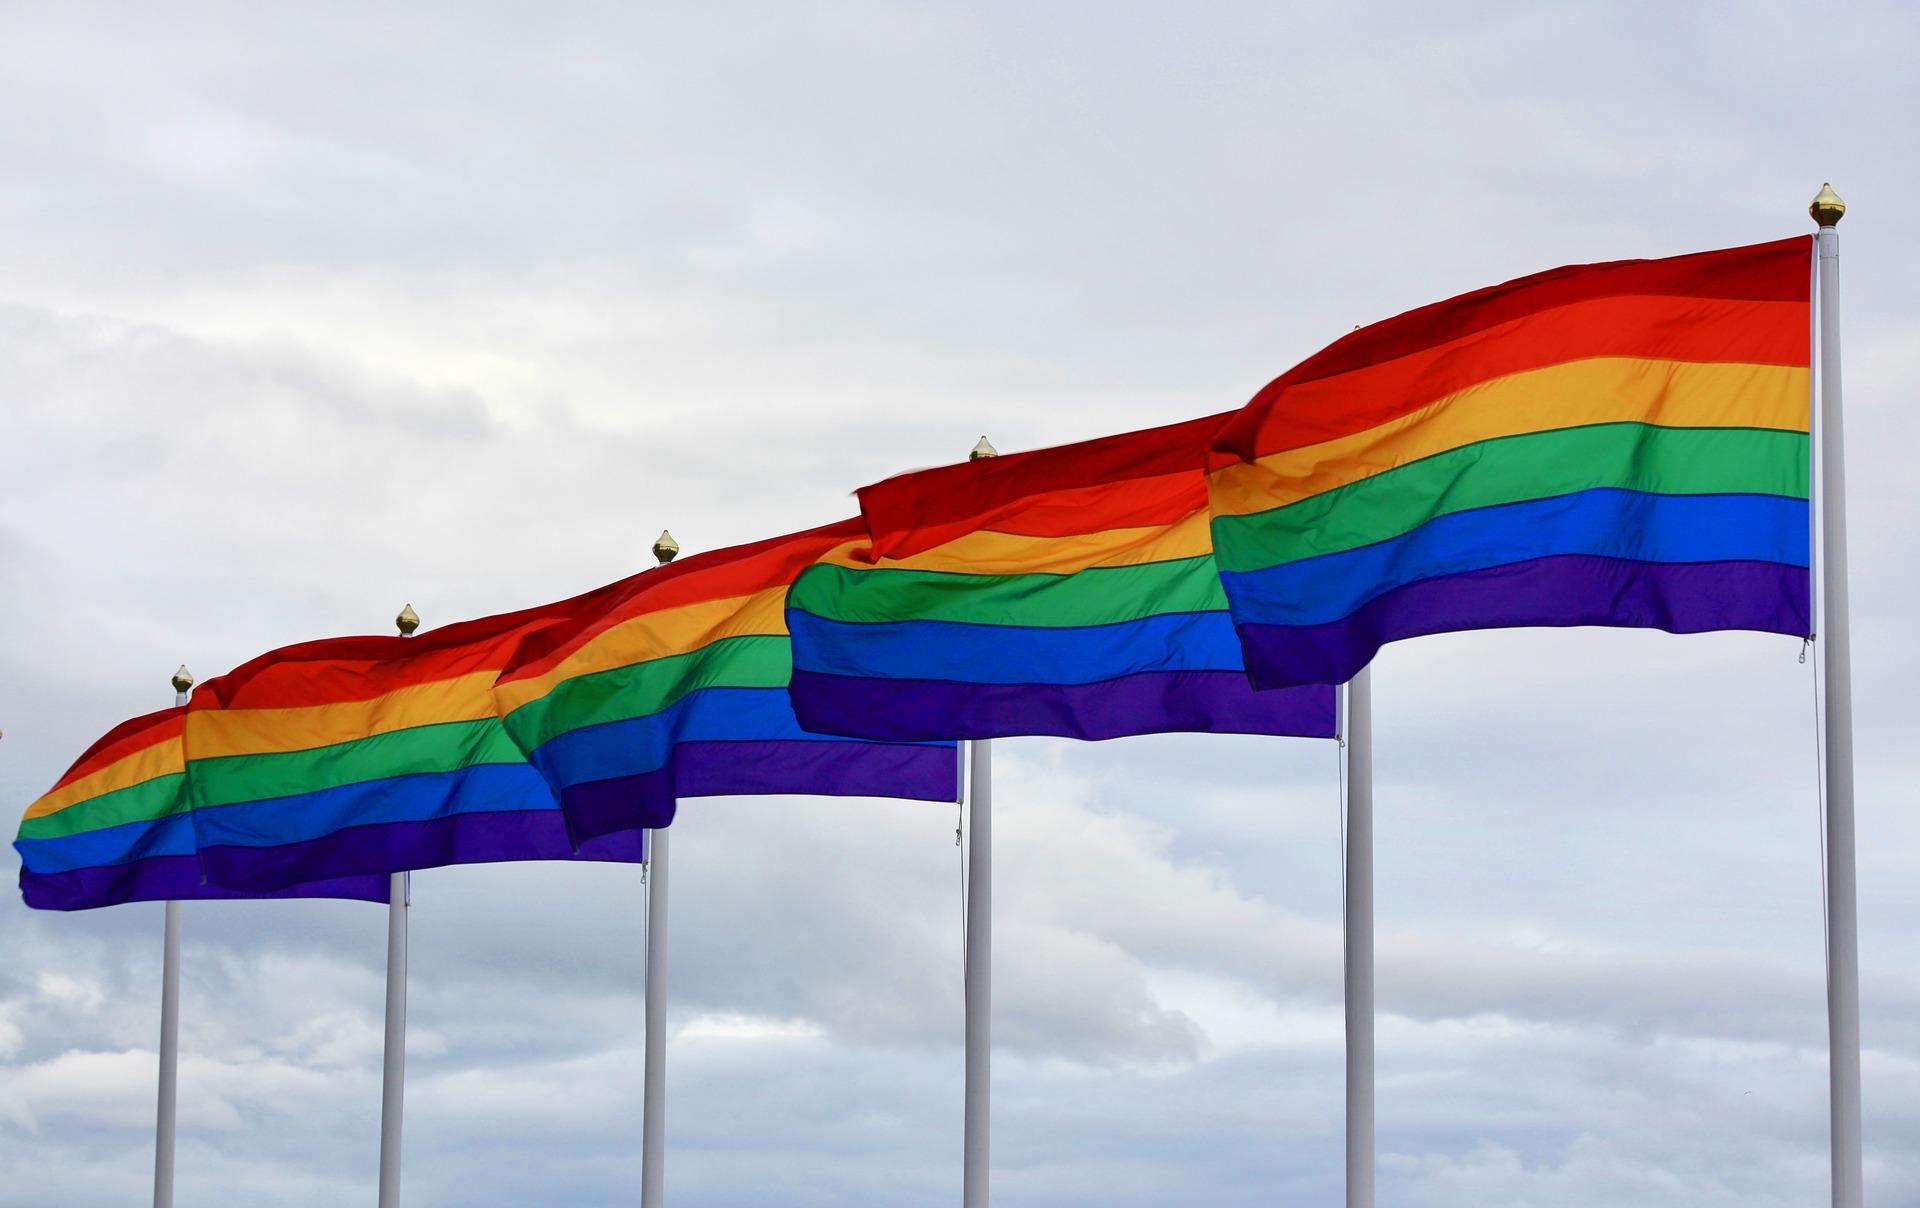 La realidad tras el mes del orgullo: Discriminación en el trabajo